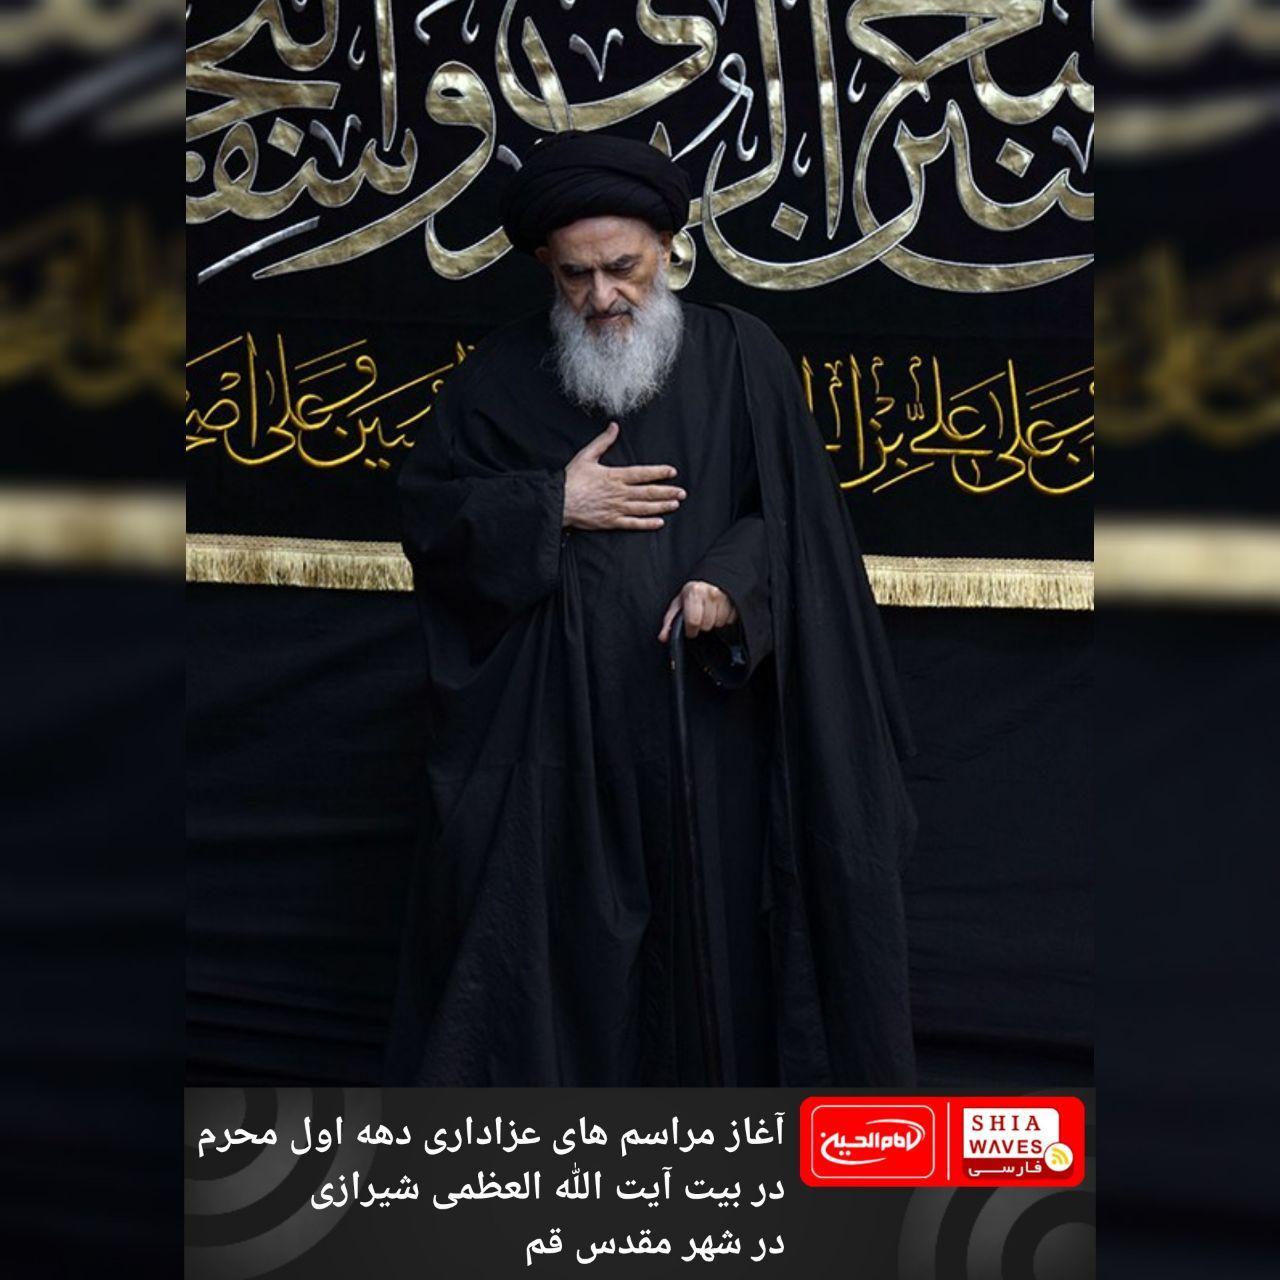 تصویر آغاز مراسم های عزاداری دهه اول محرم در بیت آیت الله العظمی شیرازی در شهر مقدس قم